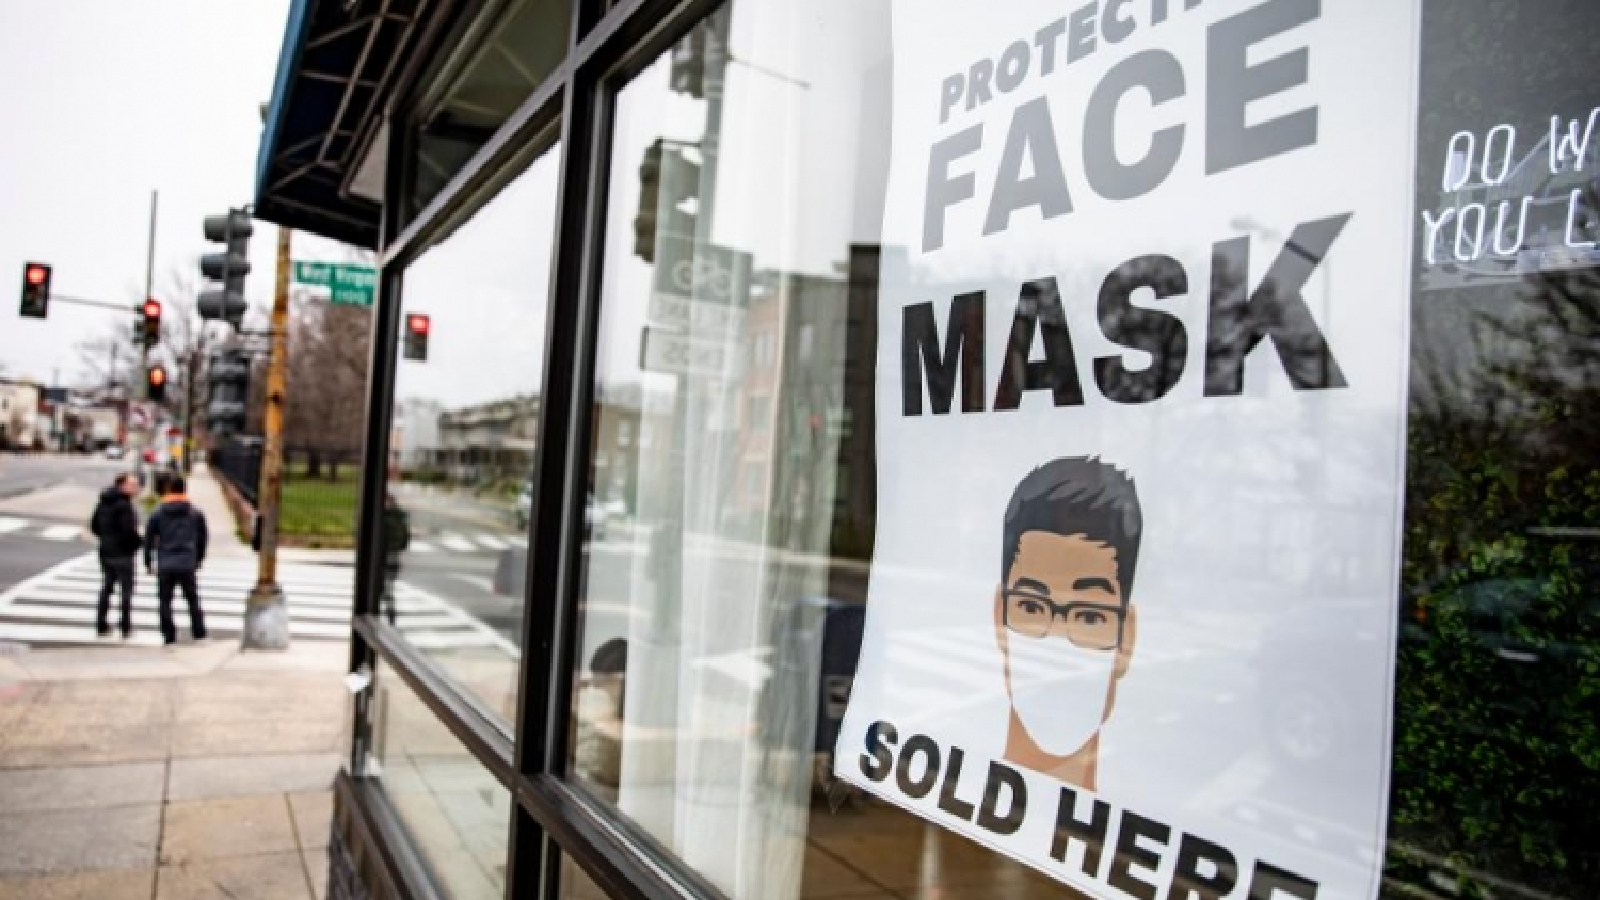 Mỹ áp quy định đeokhẩu trang trên các phương tiện giao thông công cộng